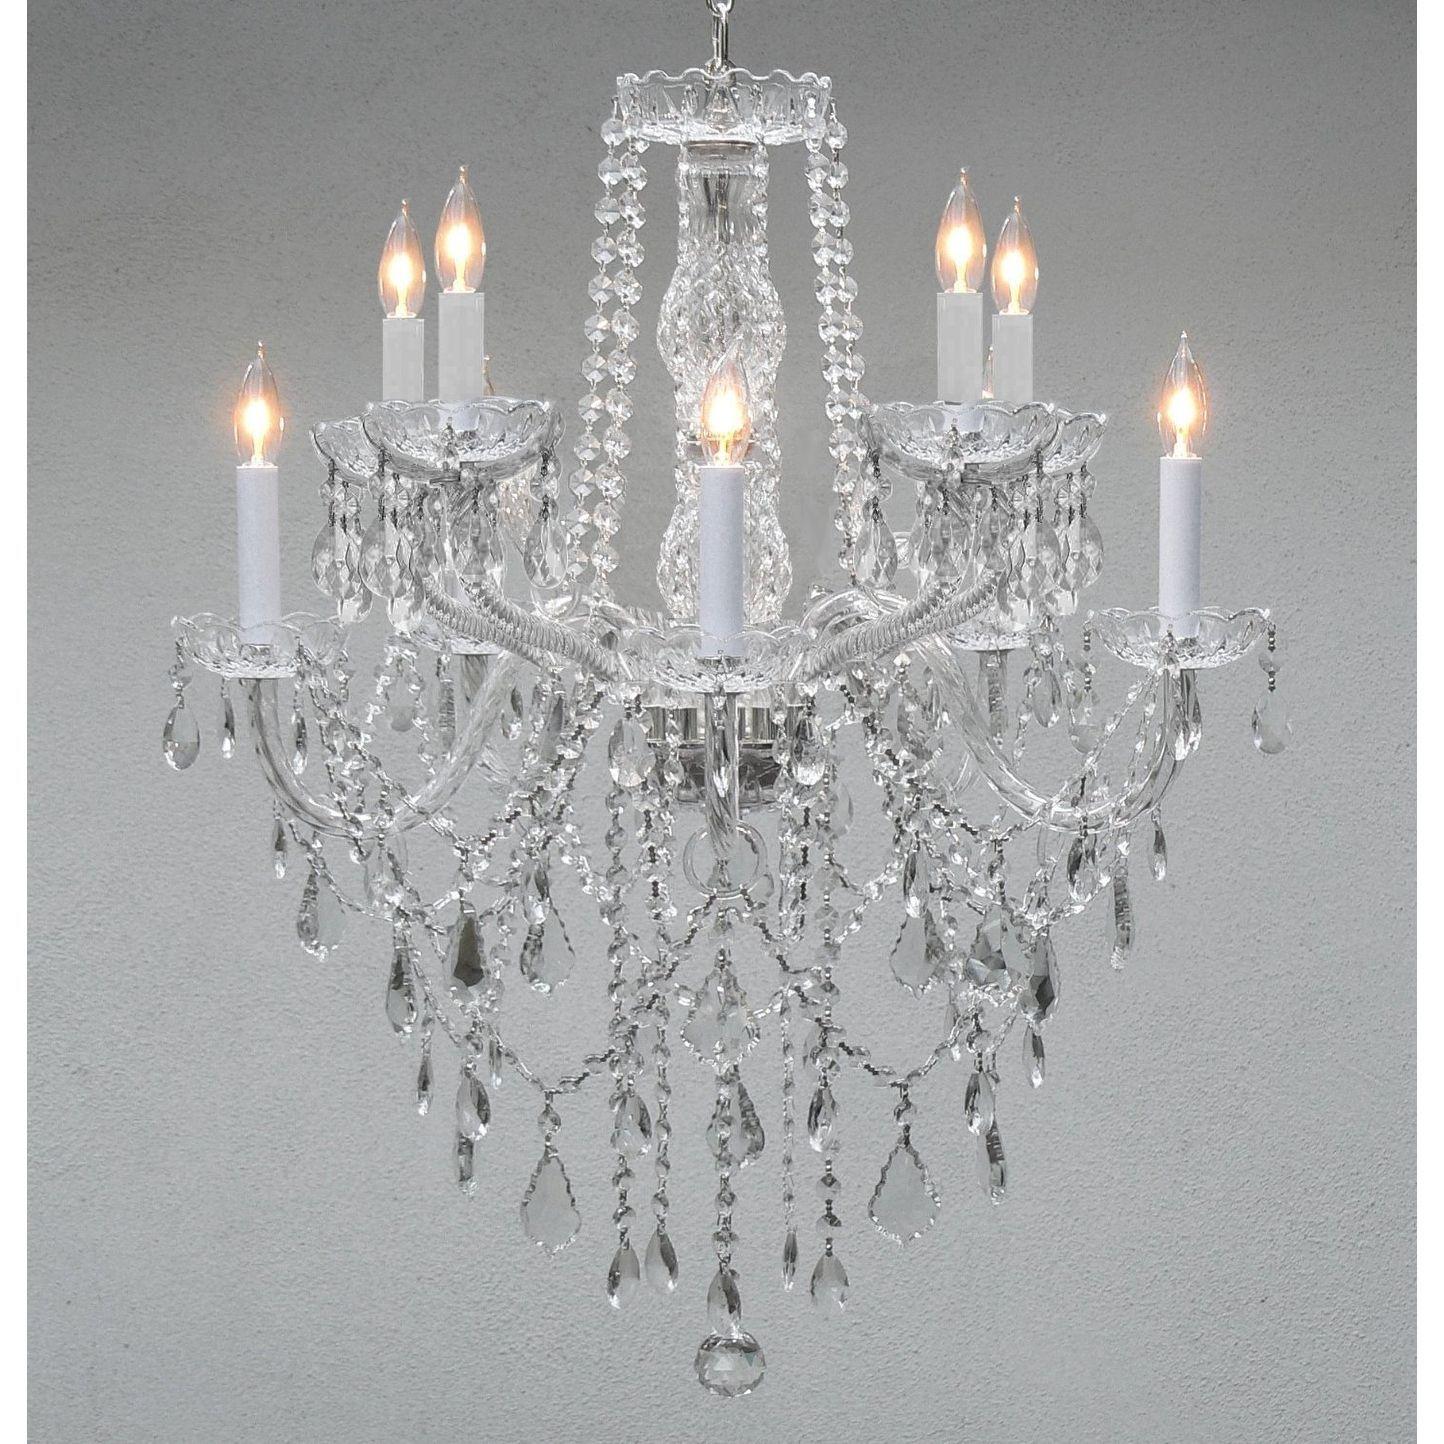 Swag Plug In Swarovski Crystal Trimmed Chandelier Lighting